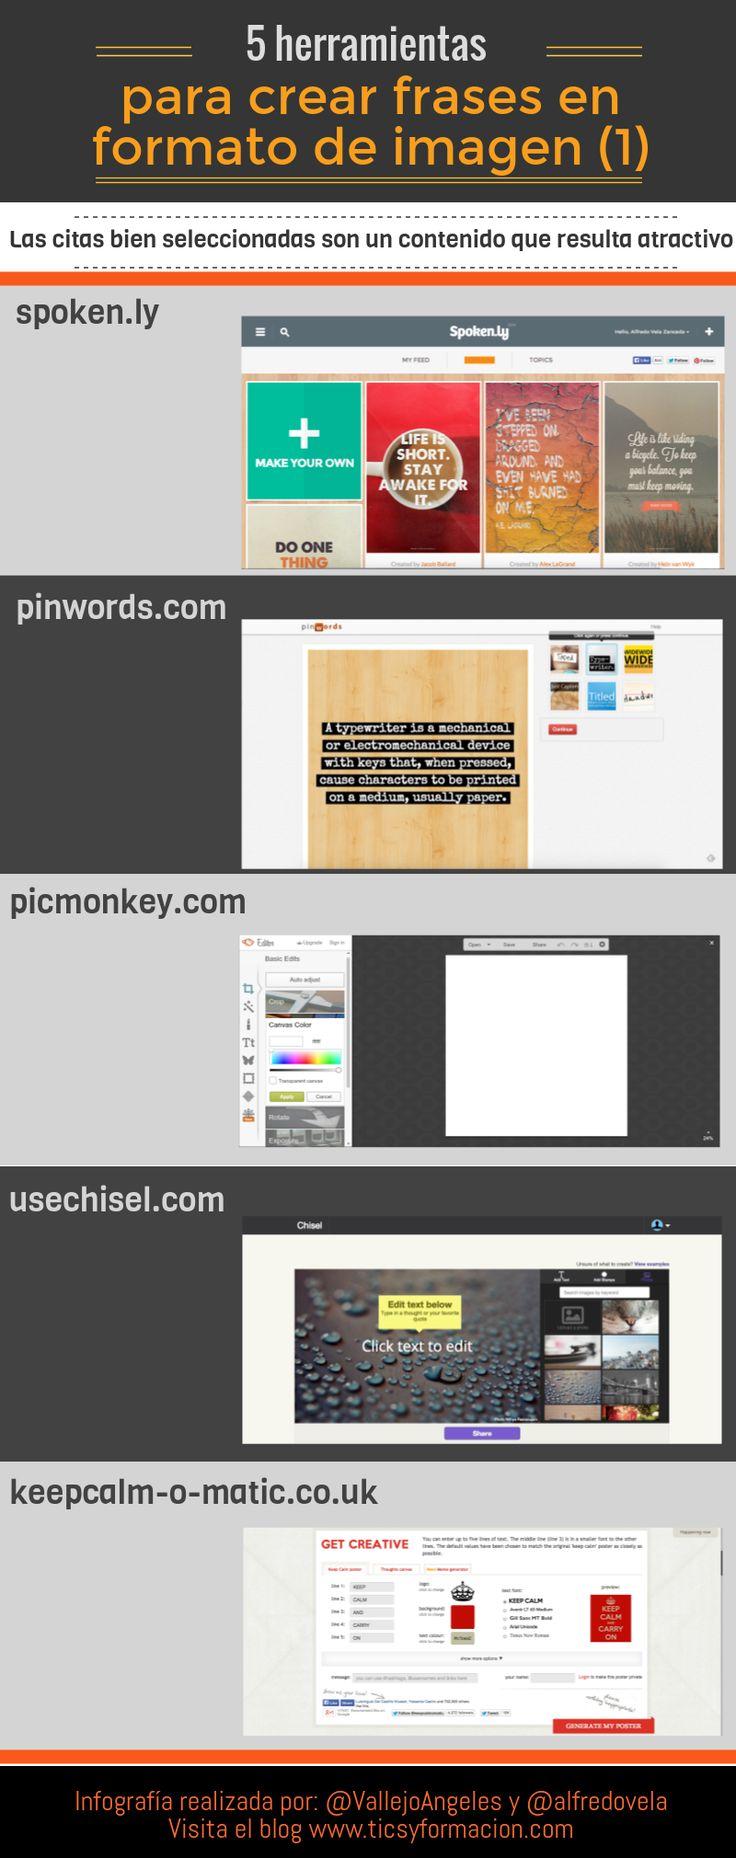 5 herramientas online para crear frases en formato de imagen #infografia